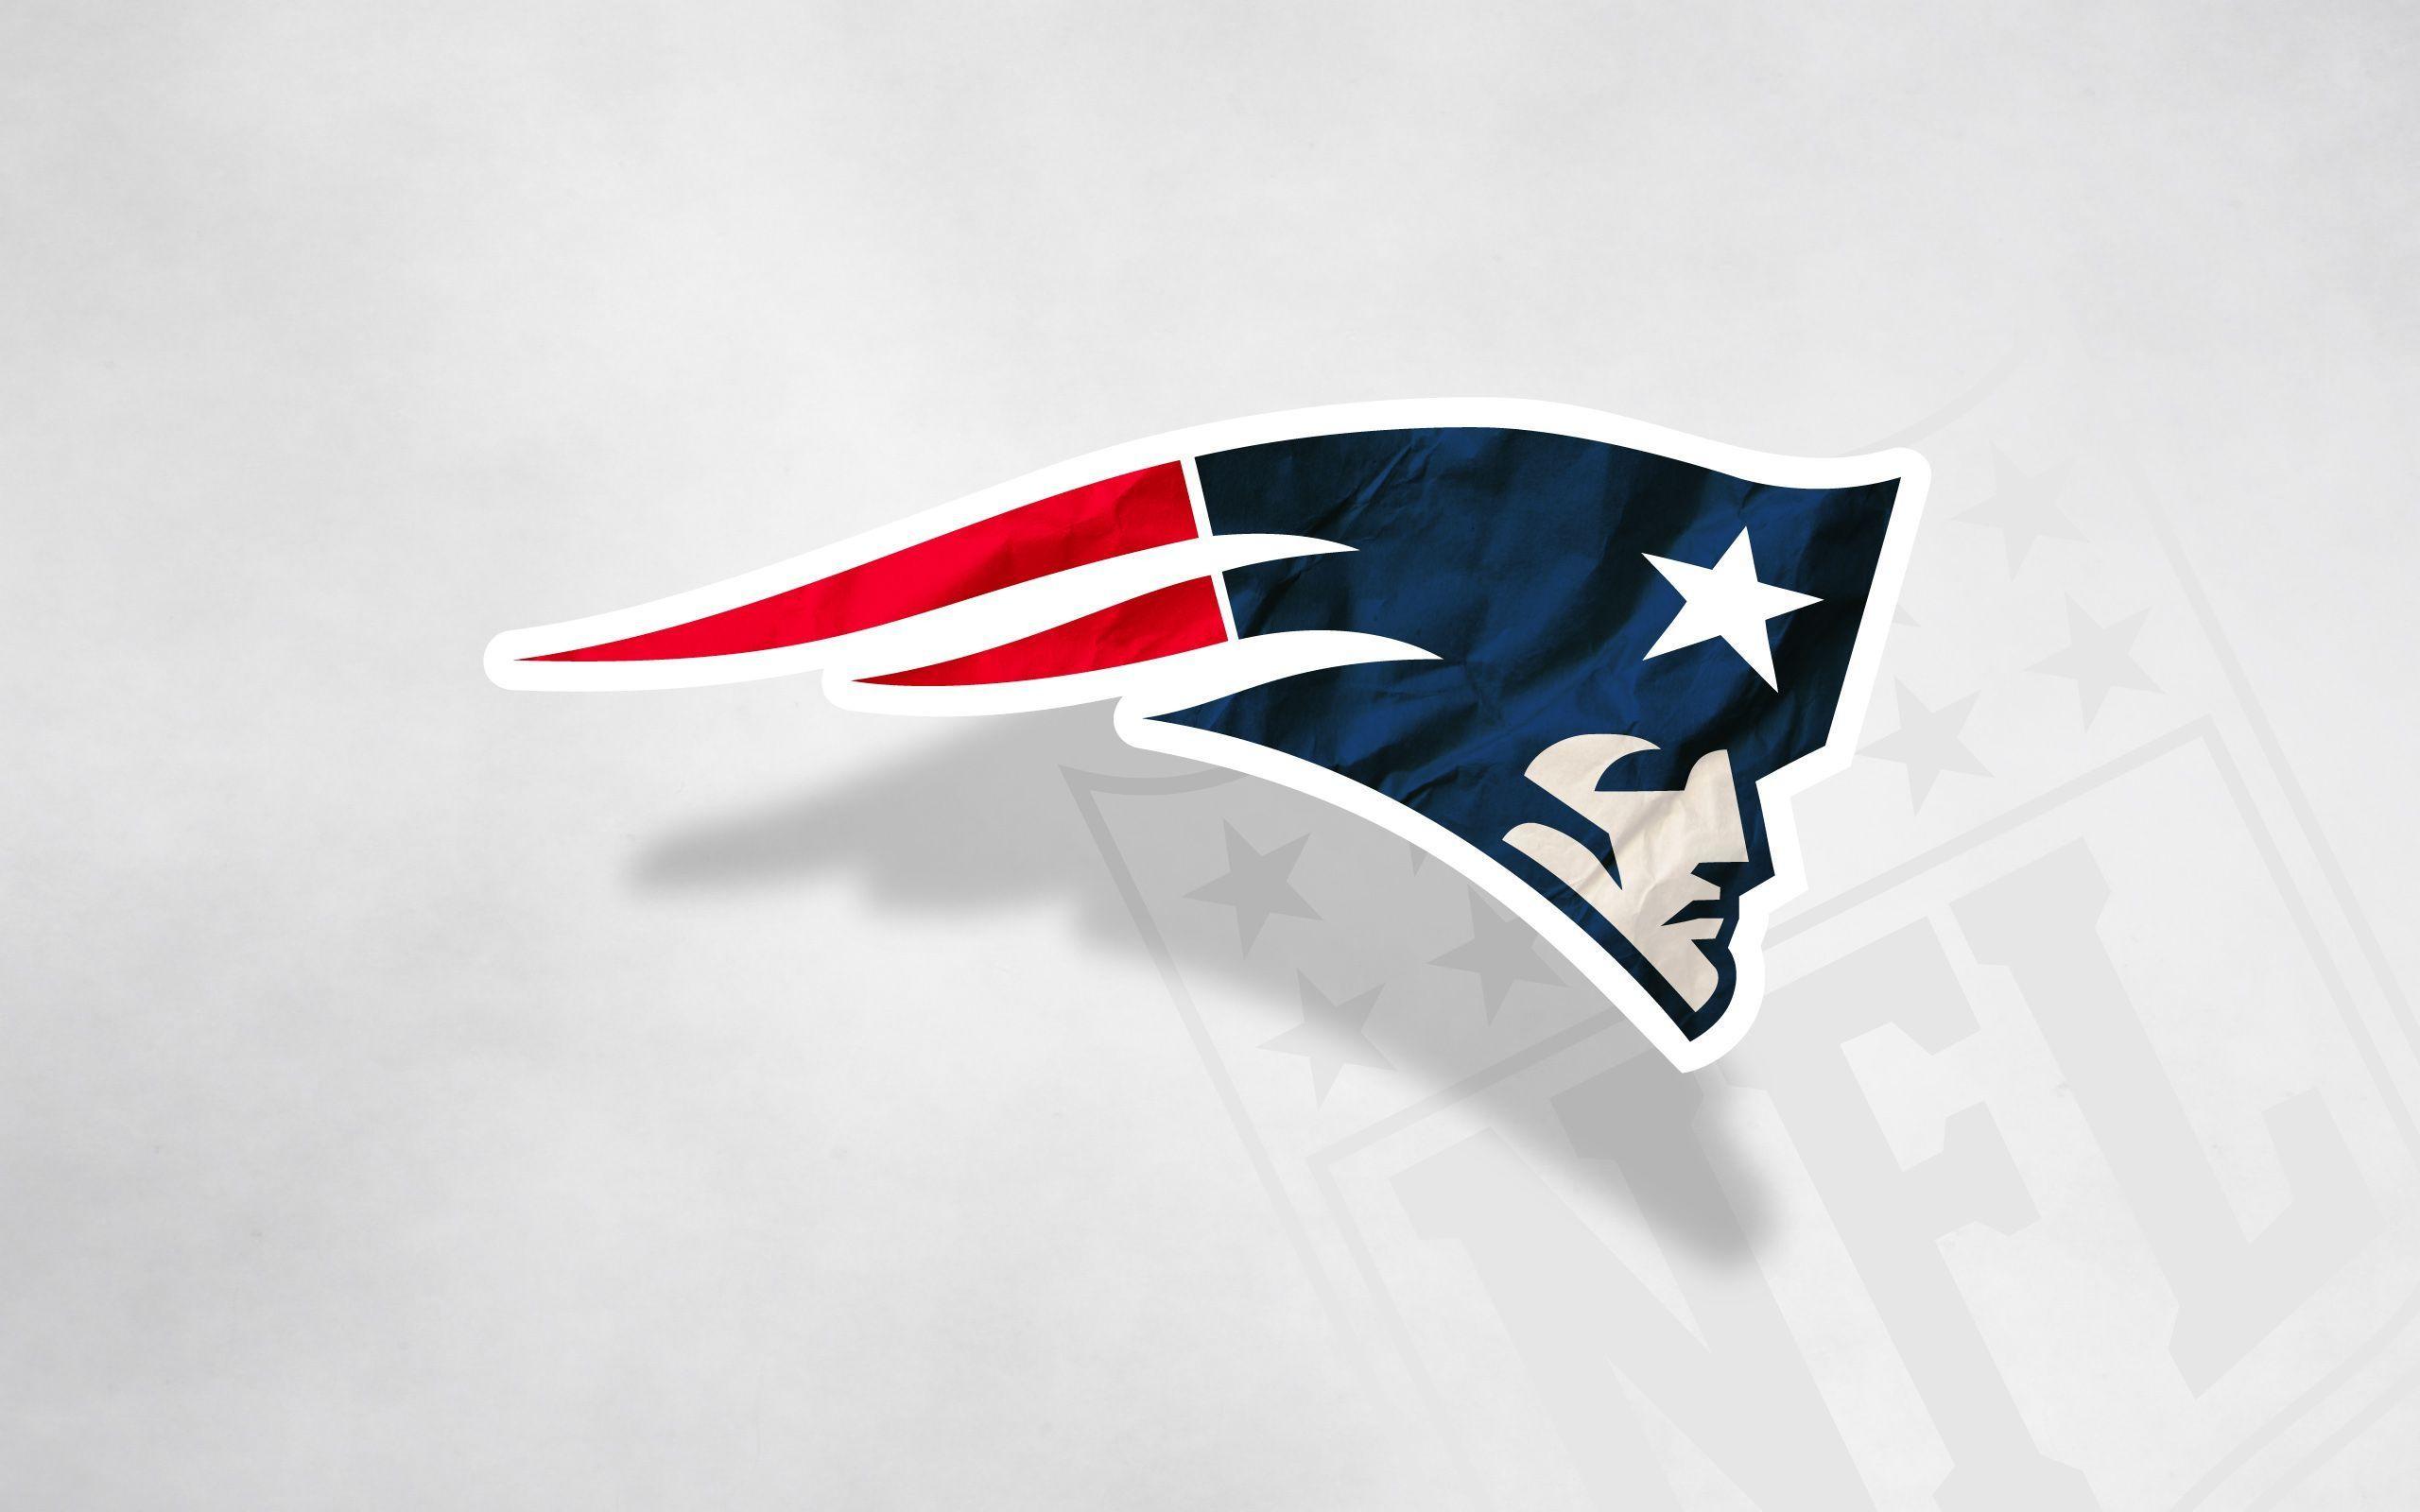 New England Patriots Wallpaper Hd 74 Images